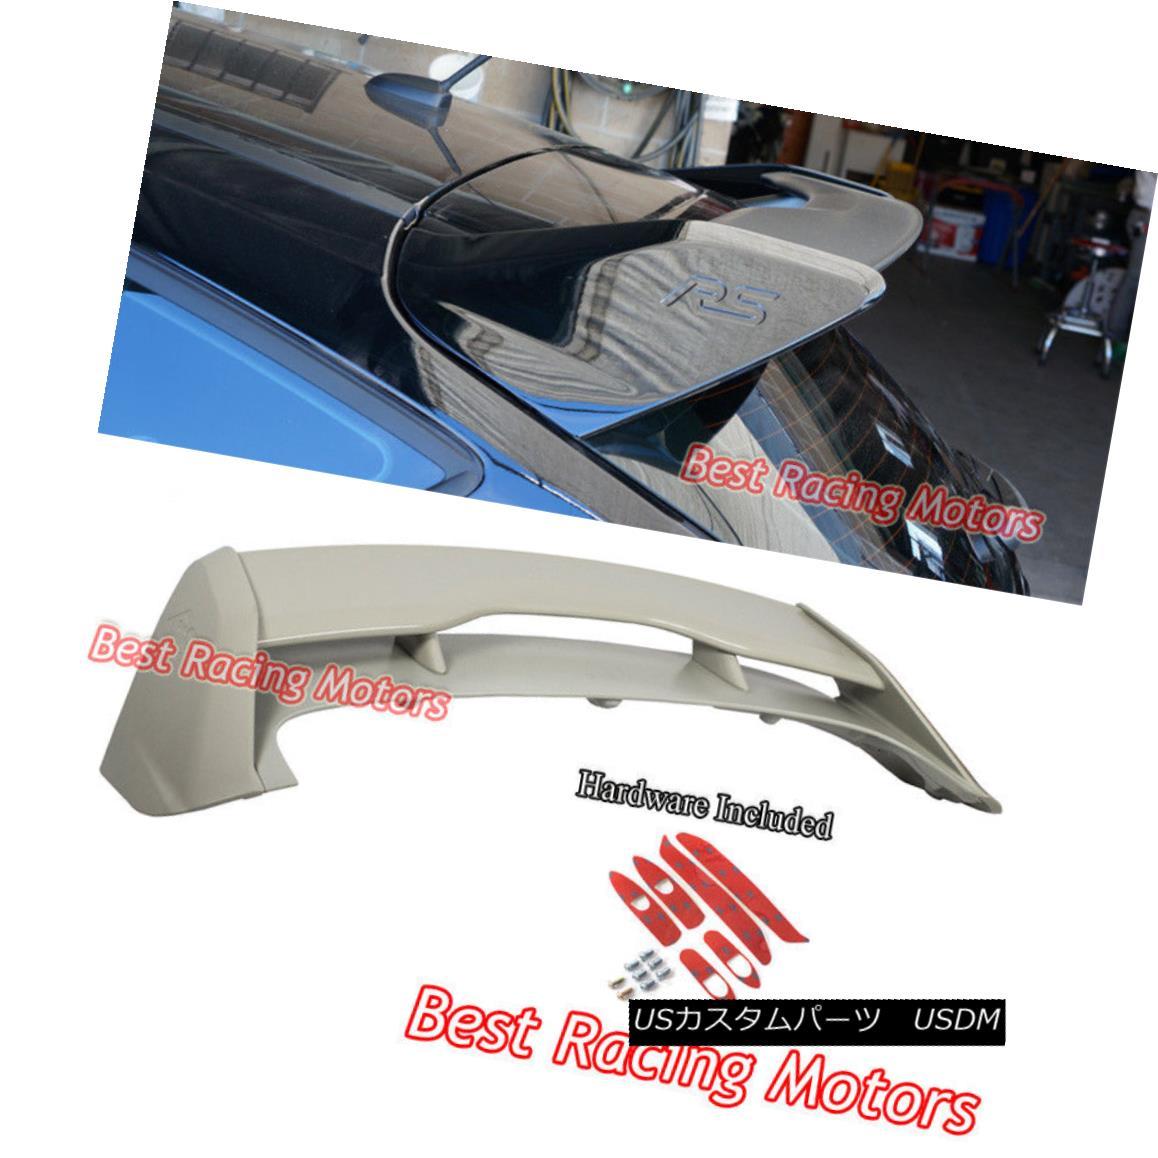 エアロパーツ RS Style Roof Spoiler Wing (ABS) Fits 12-18 Ford Focus 5dr Hatch RSスタイルルーフスポイラーウィング(ABS)12-18フォードフォーカス5drハッチフィット